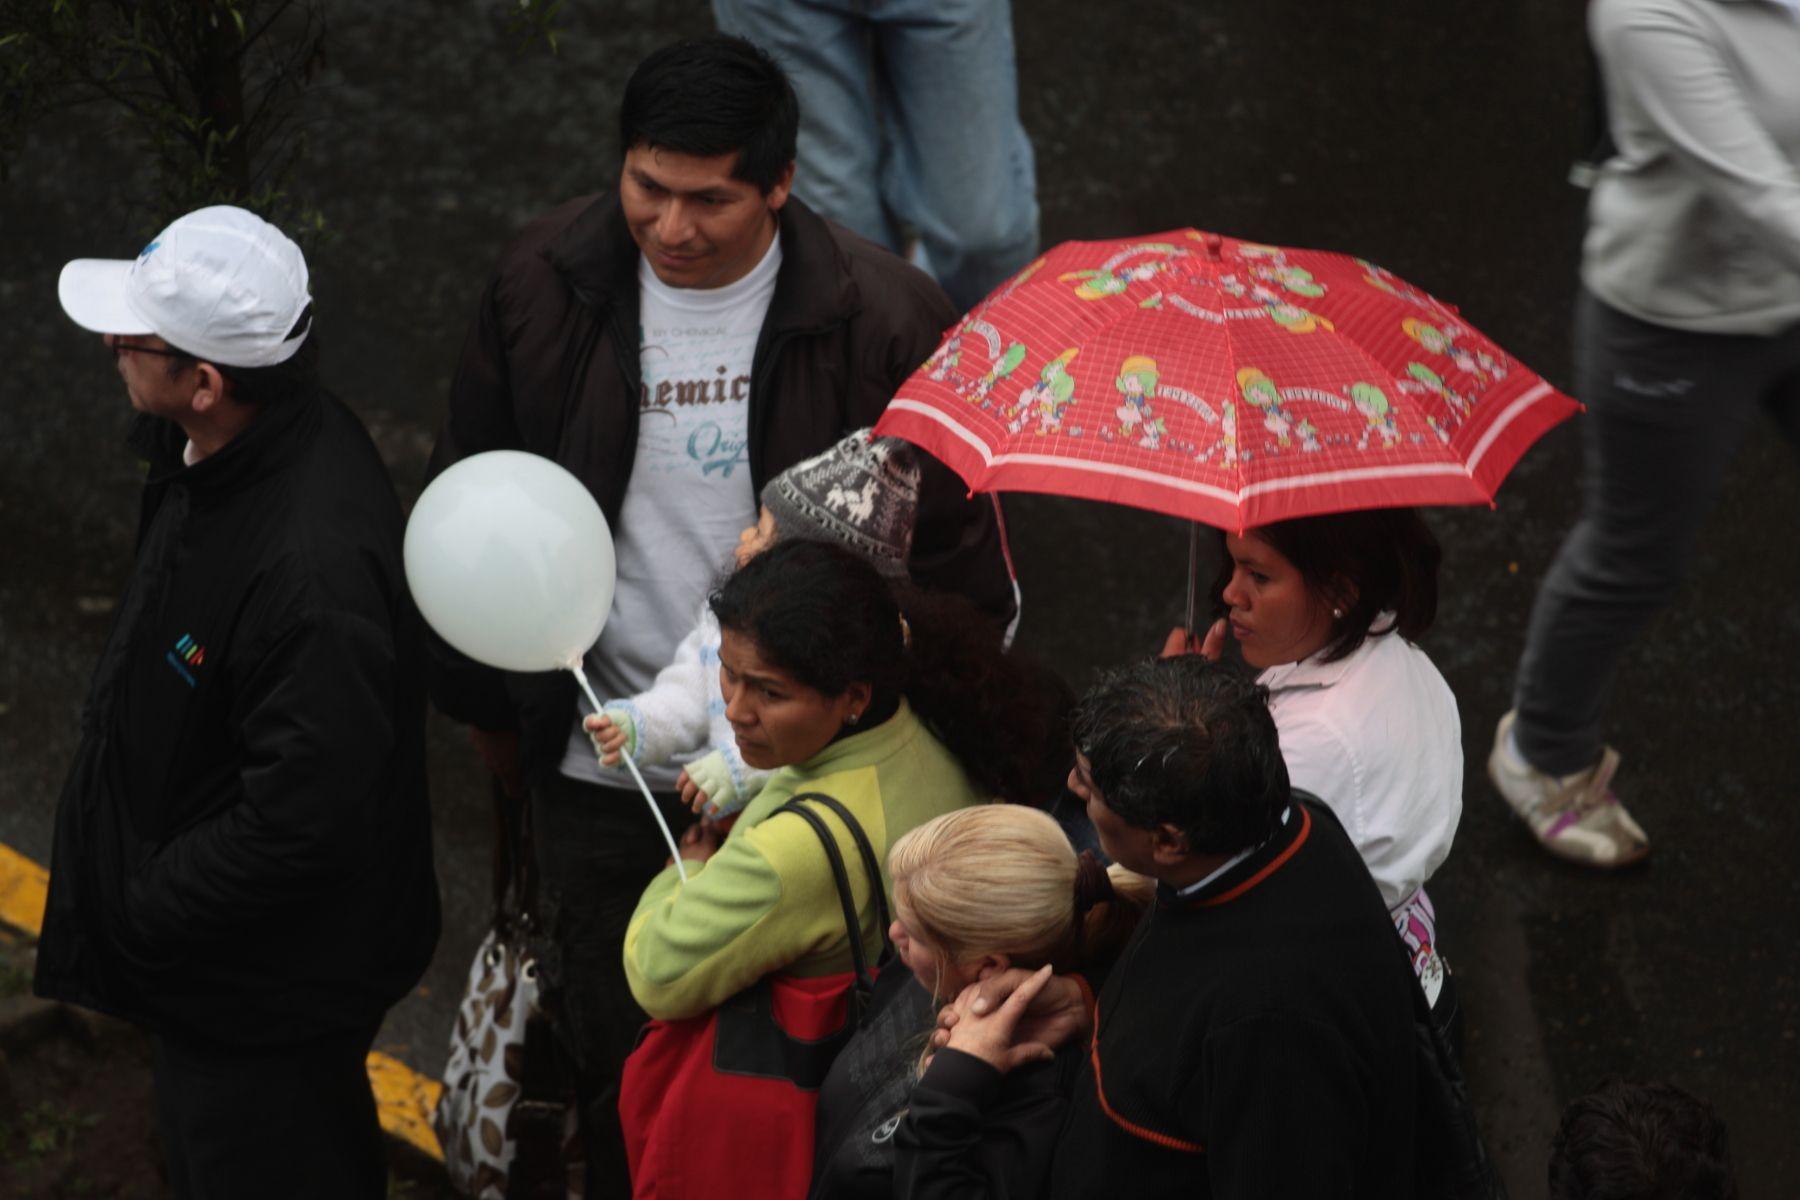 Llovizna incesante en Lima no melló ánimo de fieles que siguen cuarta procesión del Señor de los Milagros. Foto: ANDINA/Juan Carlos Guzmán Negrini.